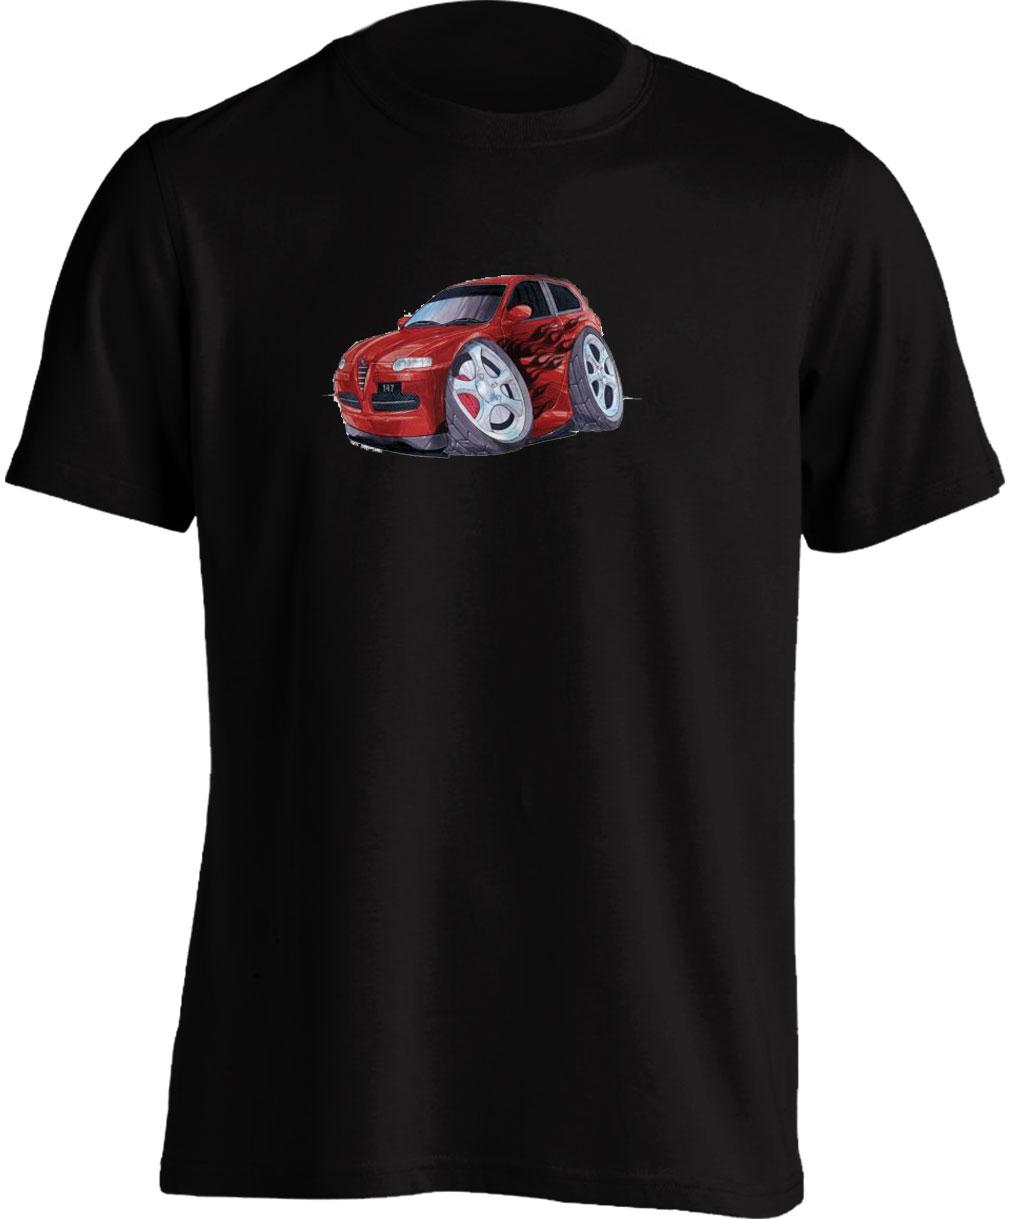 Koolart 147-2786 Tuning Red Alfa Romeo Child's T Shirt